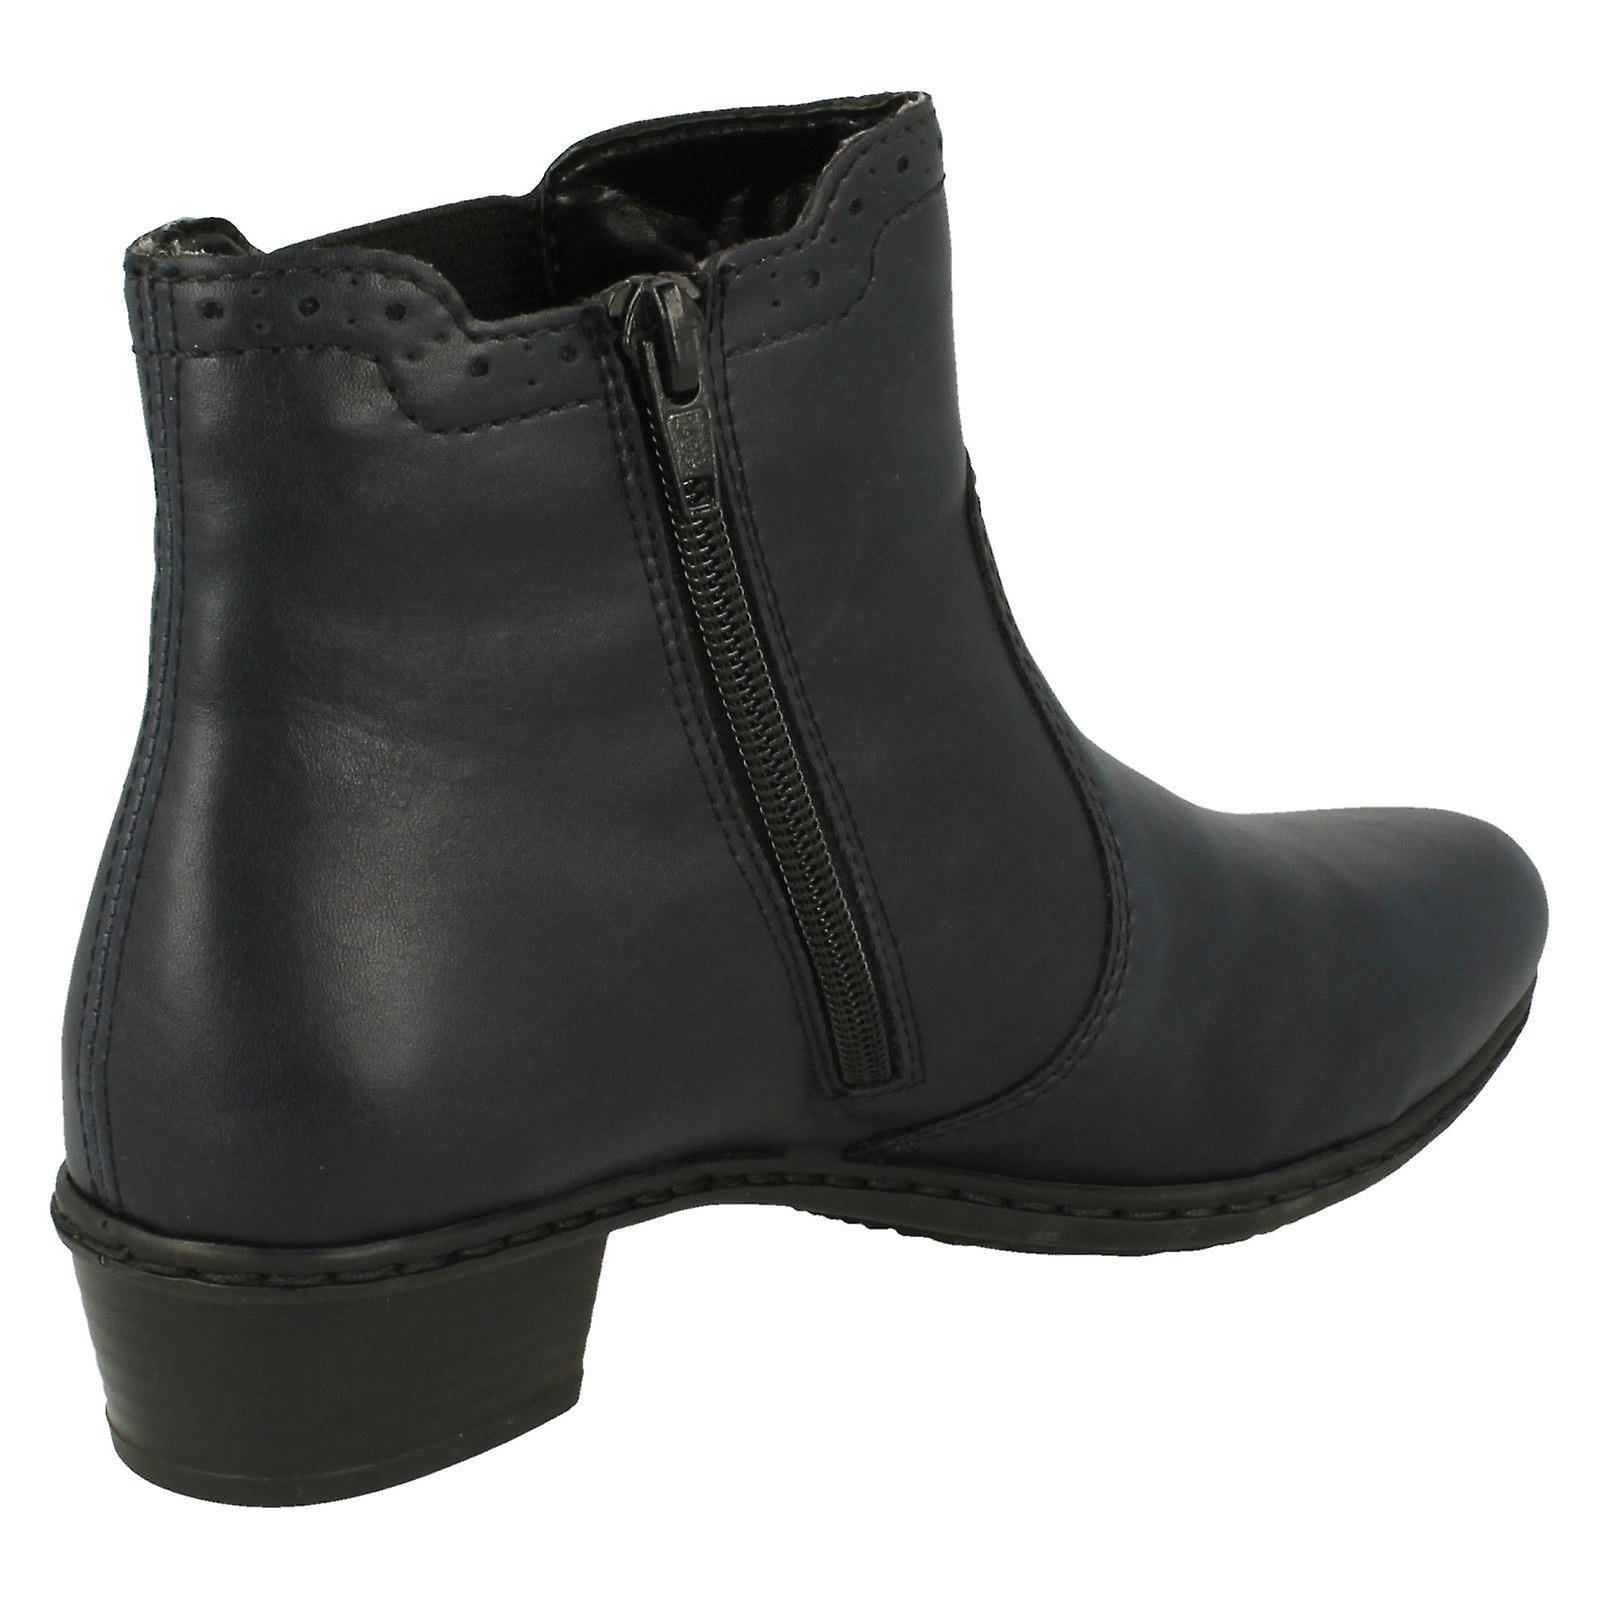 Damskie Rieker Fleece Lined kostkę buty Y0771 7eeNY